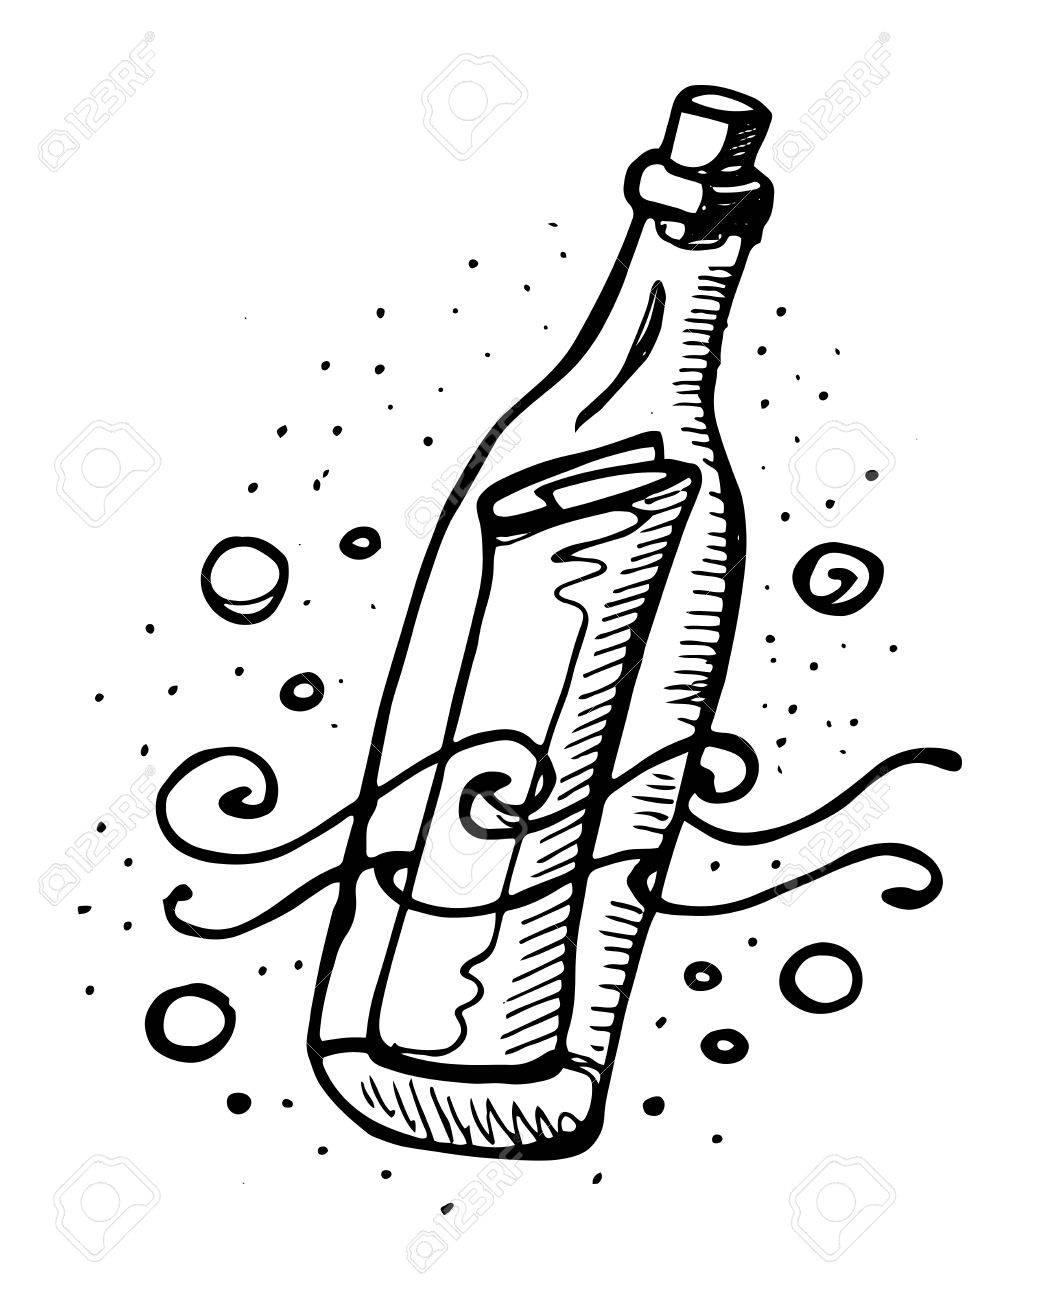 Resultado de imagen de imagenes de mensaje en una botella